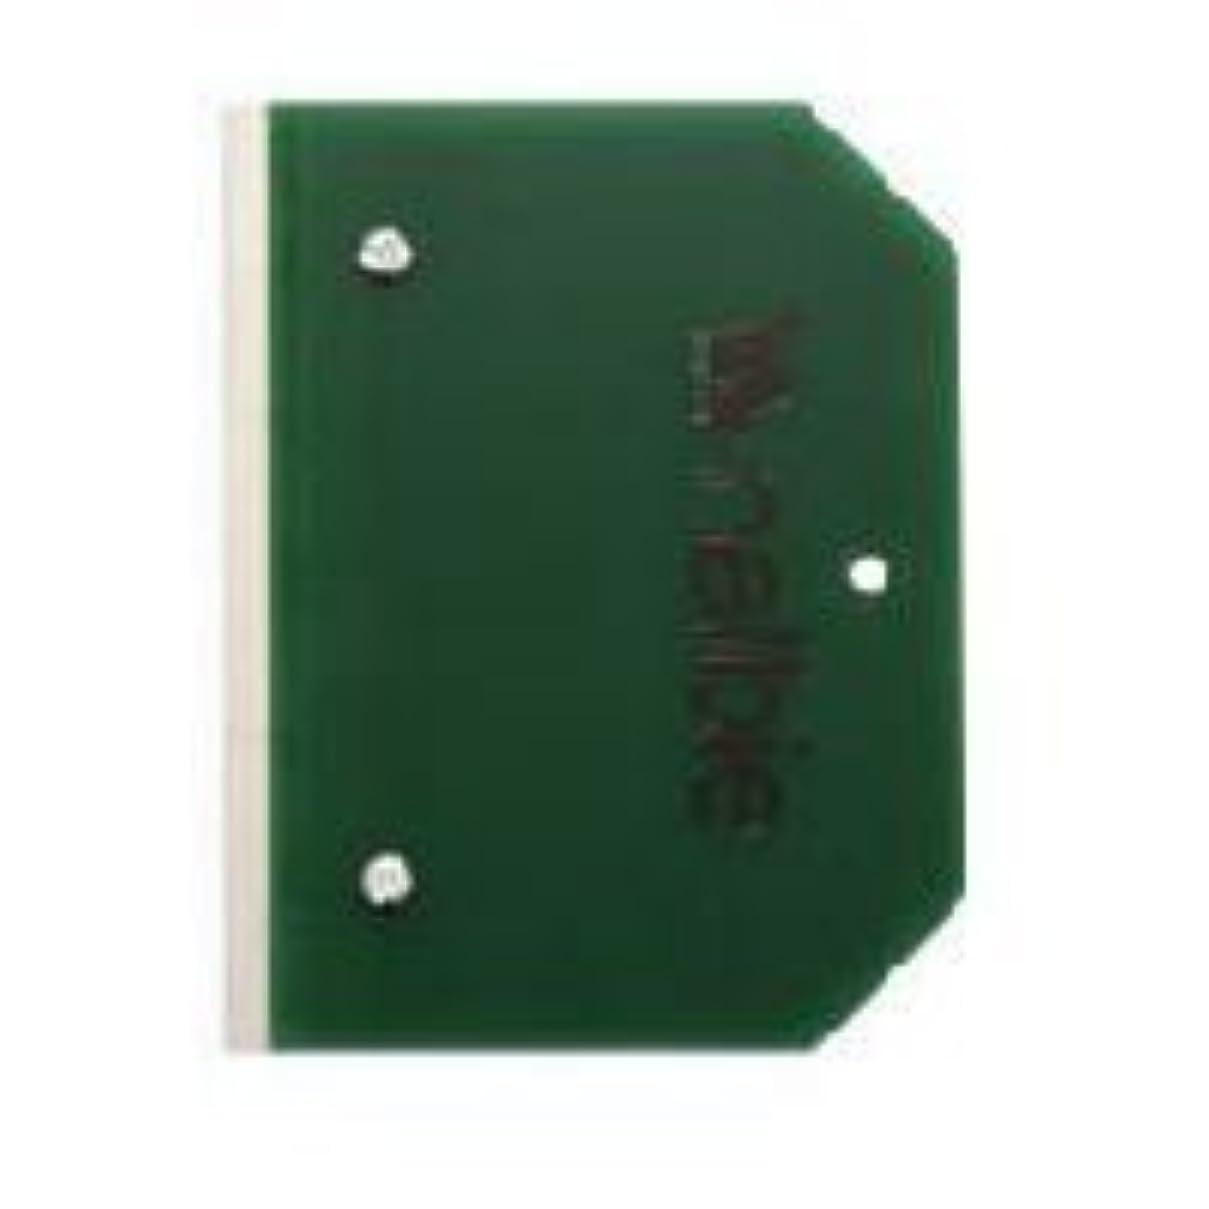 意味のあるエイリアンウェーハnalbie[ナルビー] カミソリホルダー 3枚刃/セーフティキャップ付 NRB03SC